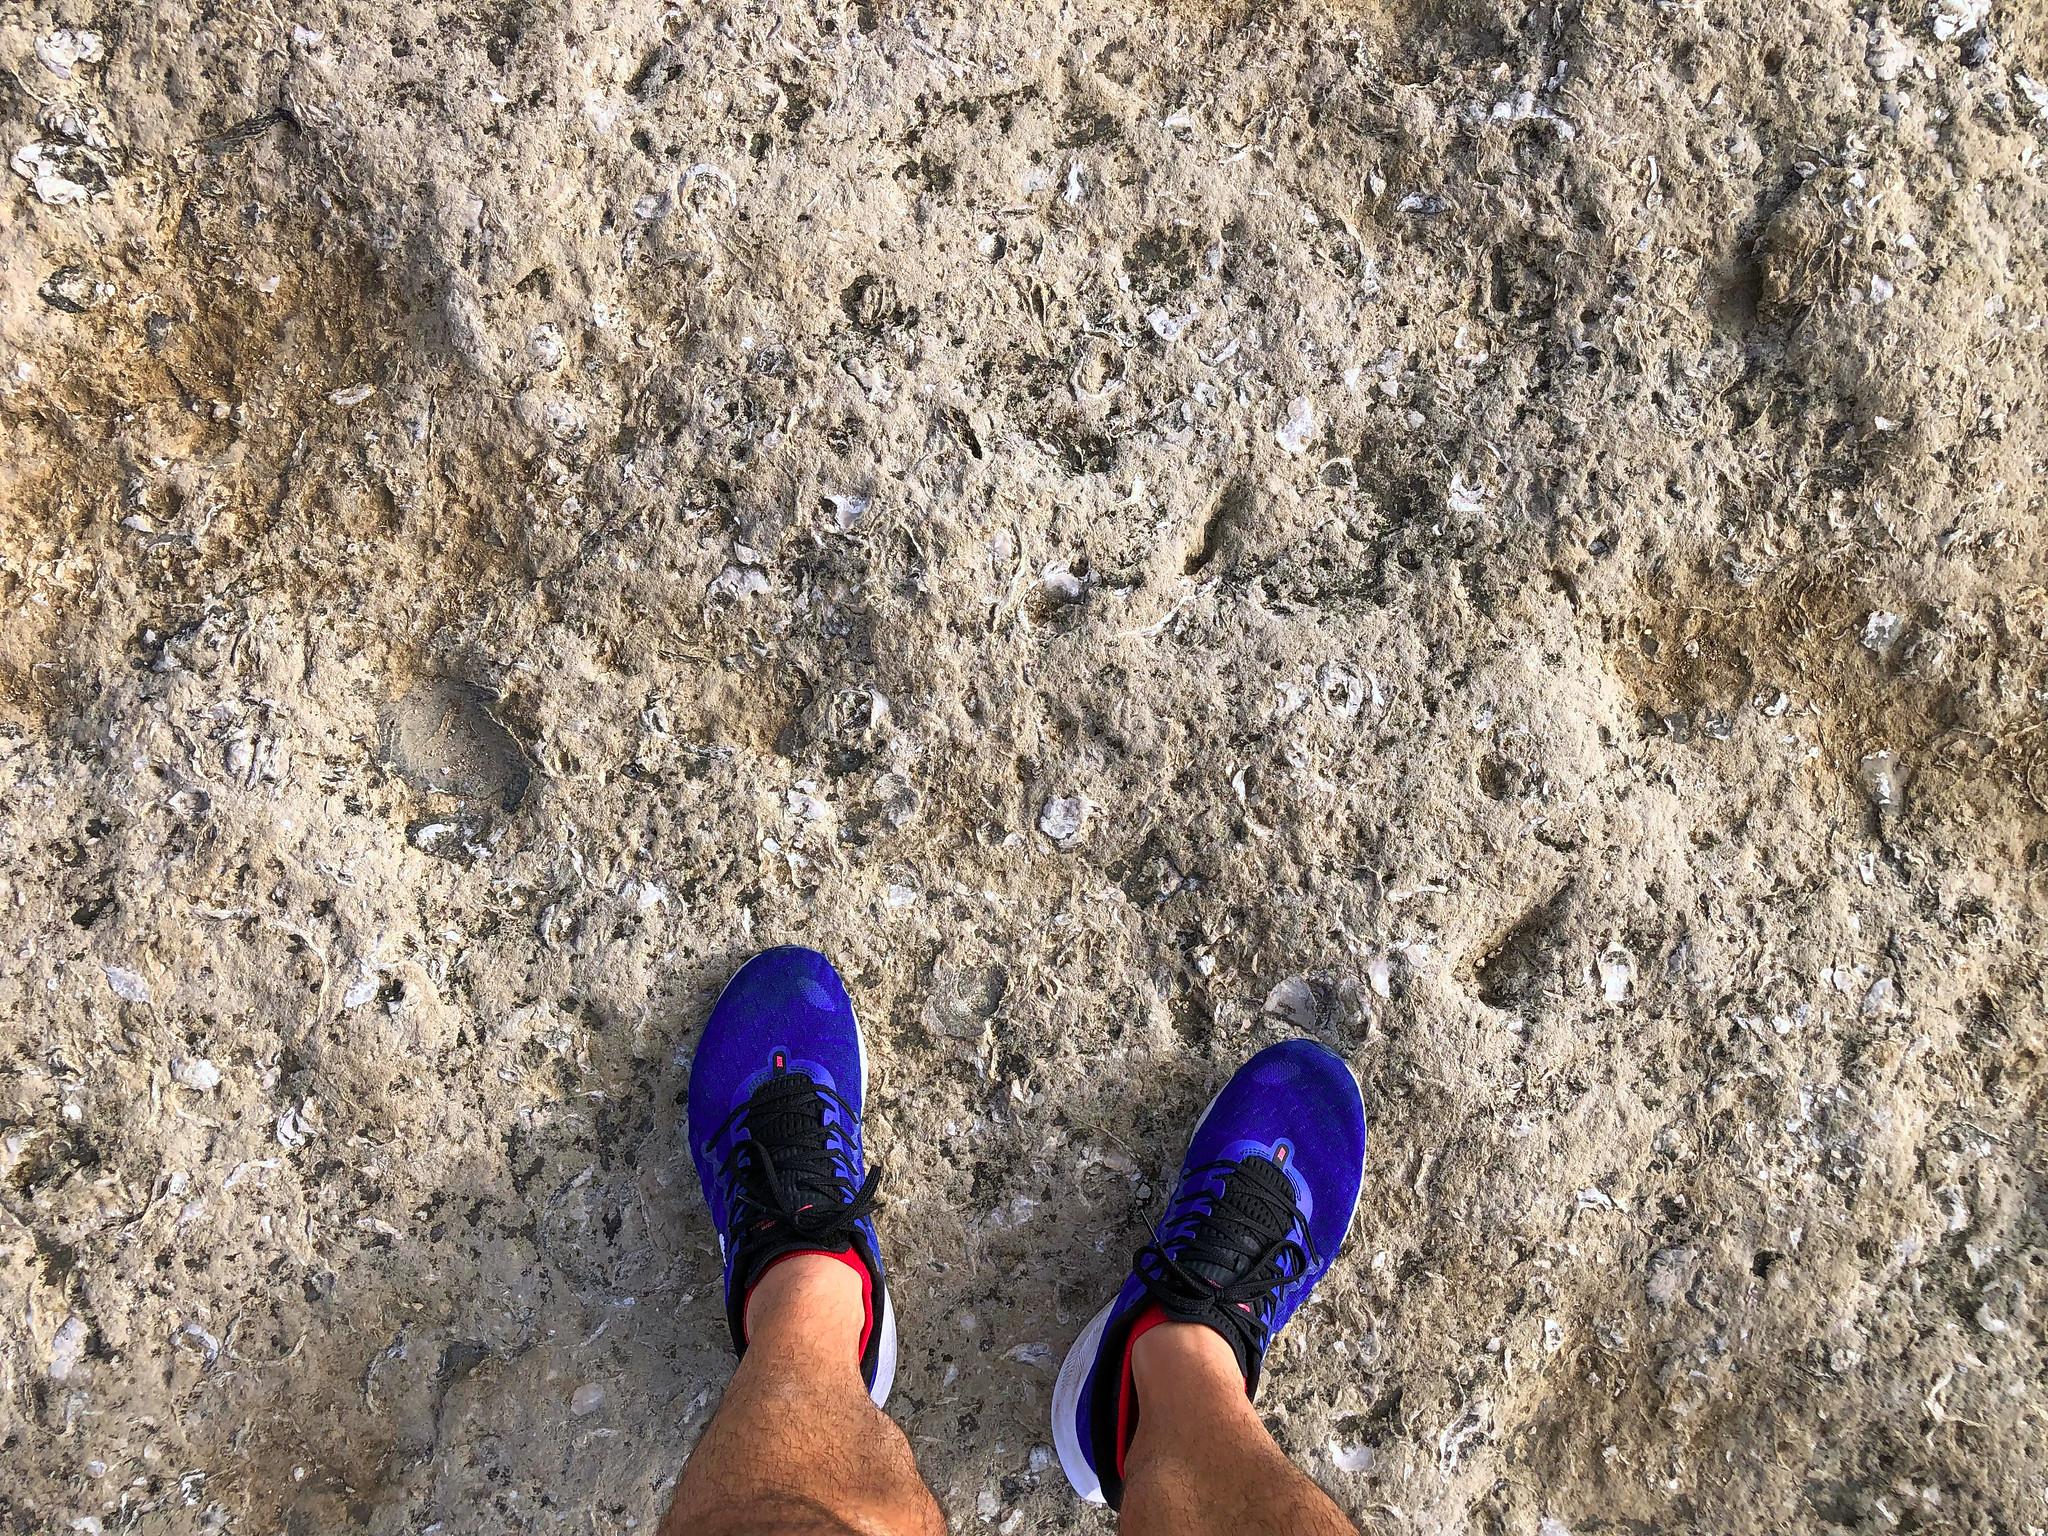 Costa Jurásica de Inglaterra - Thewotme costa jurásica - 50061934201 cd504e470f k - Costa Jurásica de Inglaterra, un viaje de millones de años